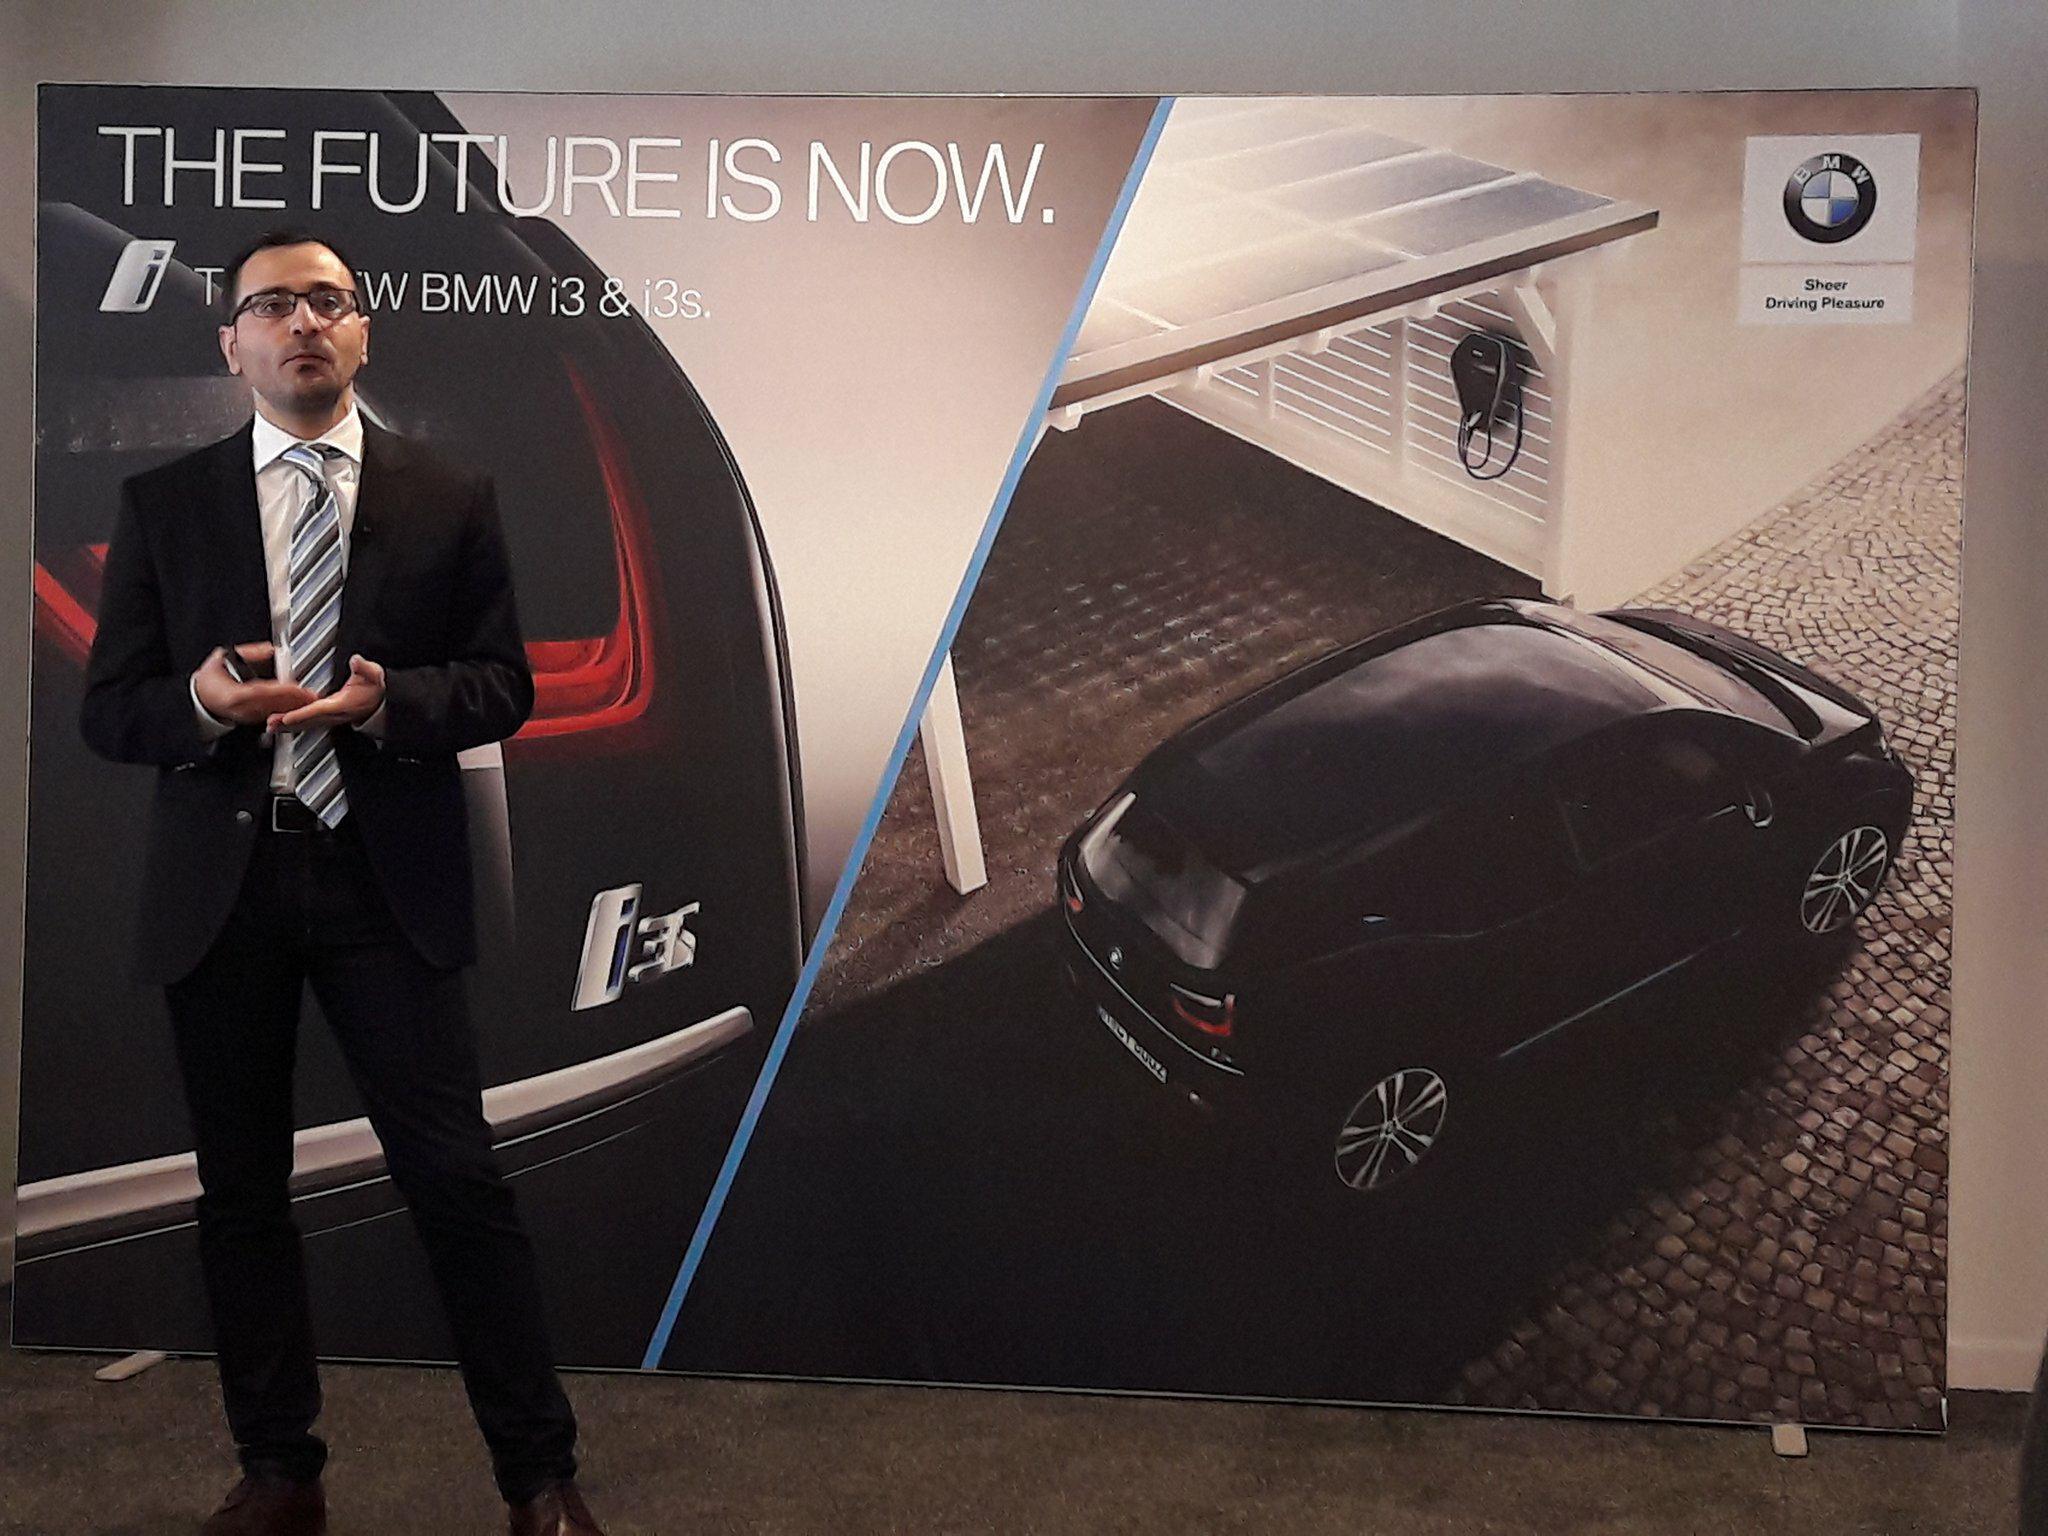 Αντώνης Αδάναλης, επικεφαλής BMW i στην Ελλάδα